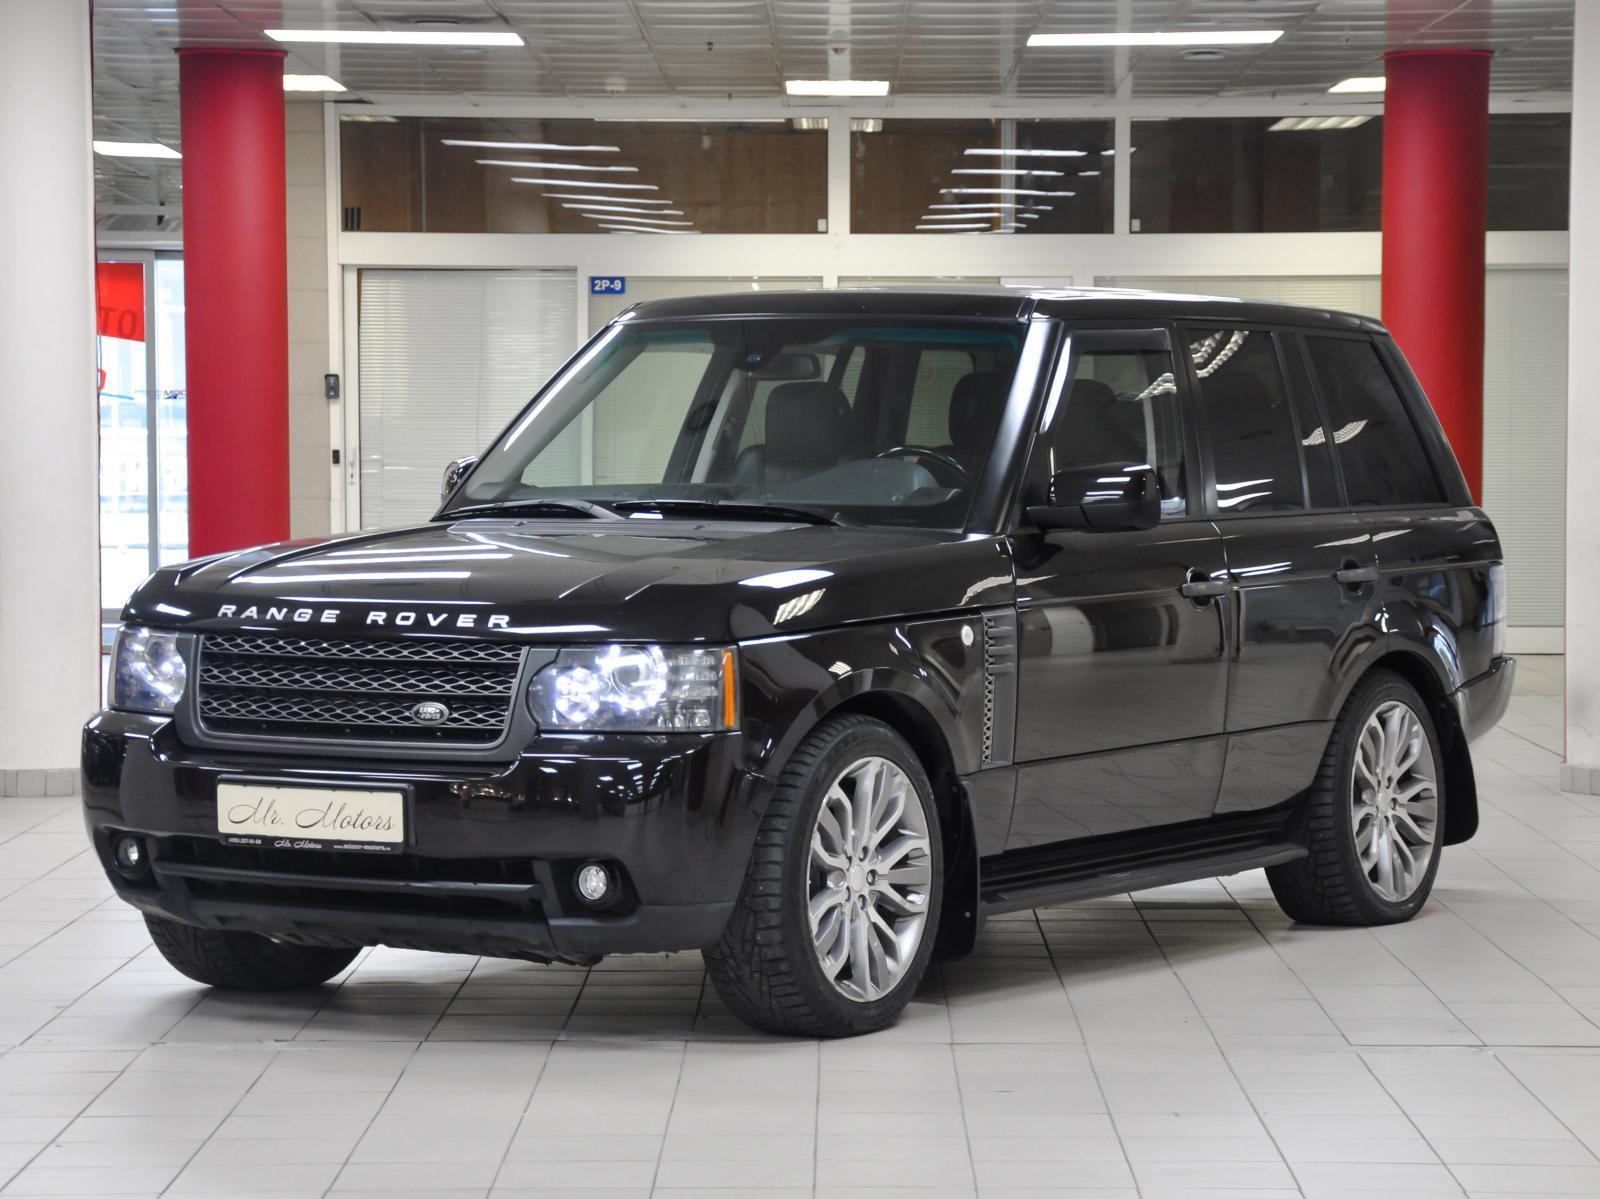 Land Rover Range Rover с пробегом в Москве. Автомобильная компания Mr.Motors